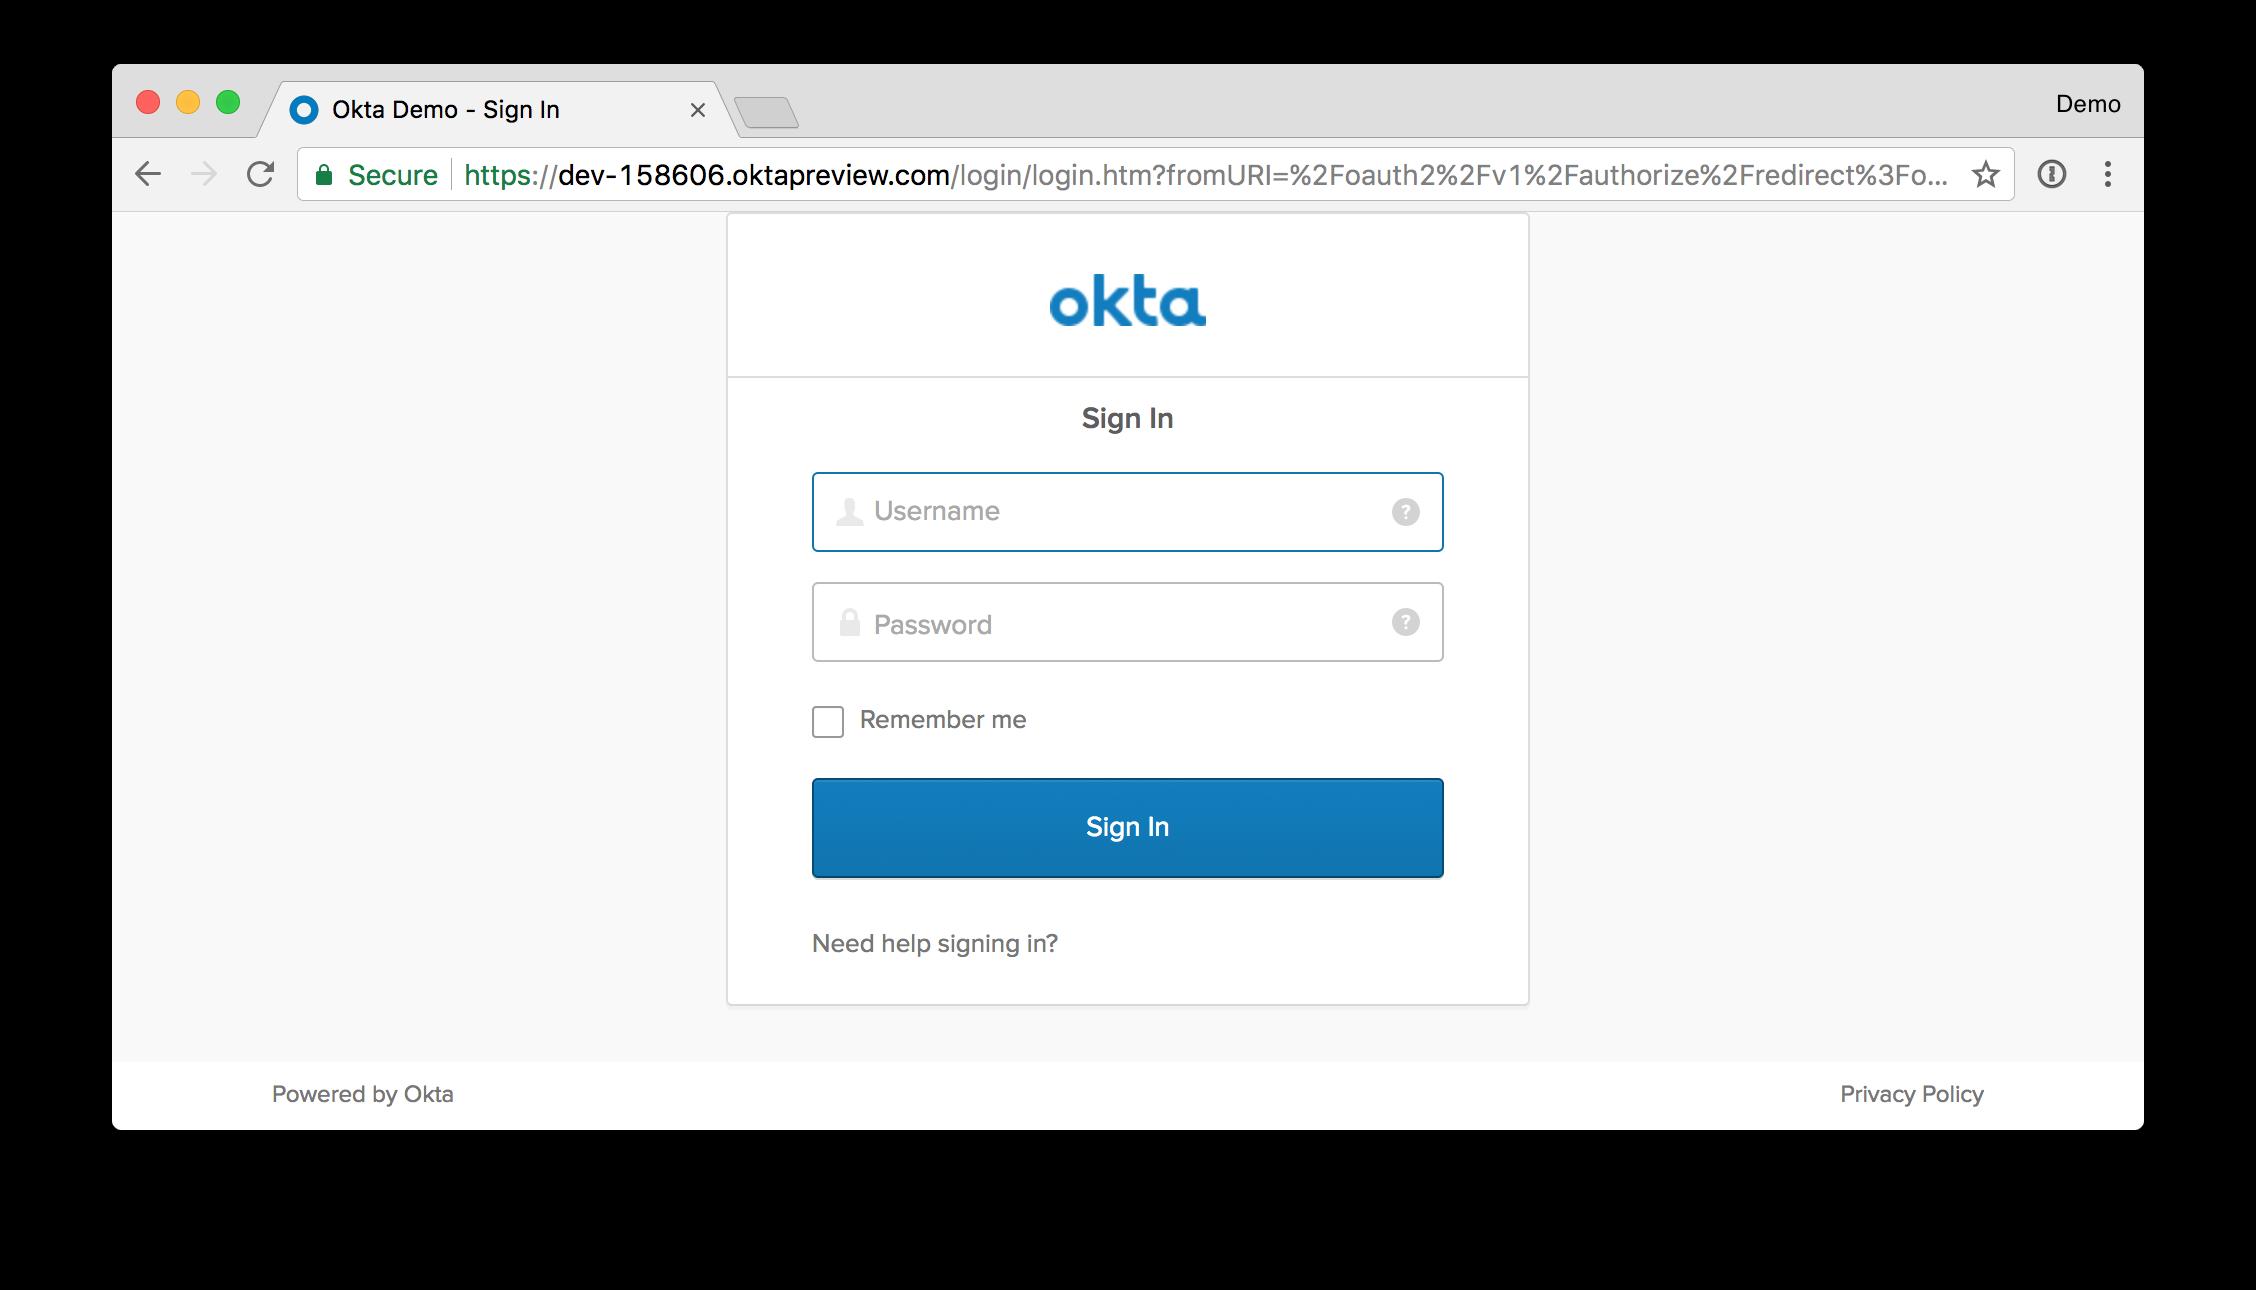 Get Started with Spring Boot, OAuth 2 0, and Okta | Okta Developer